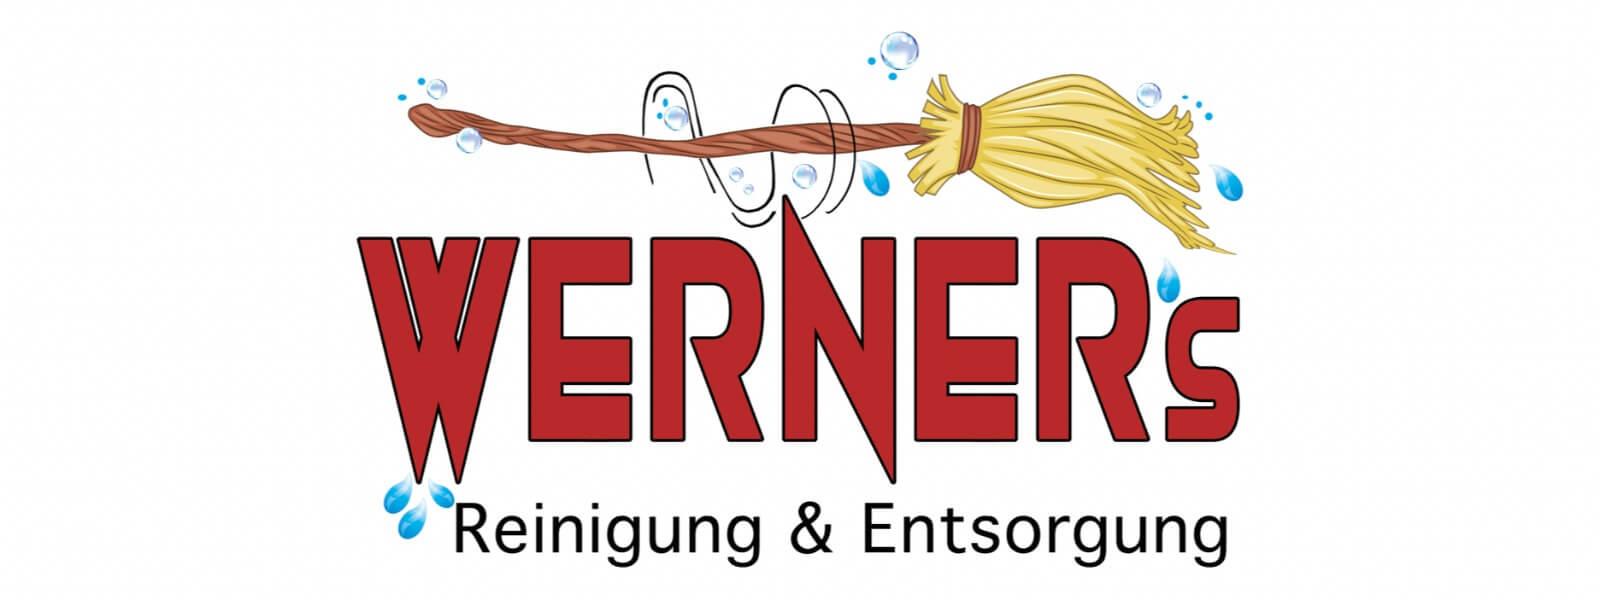 Werners Reinigung & Entsorgung - Logo